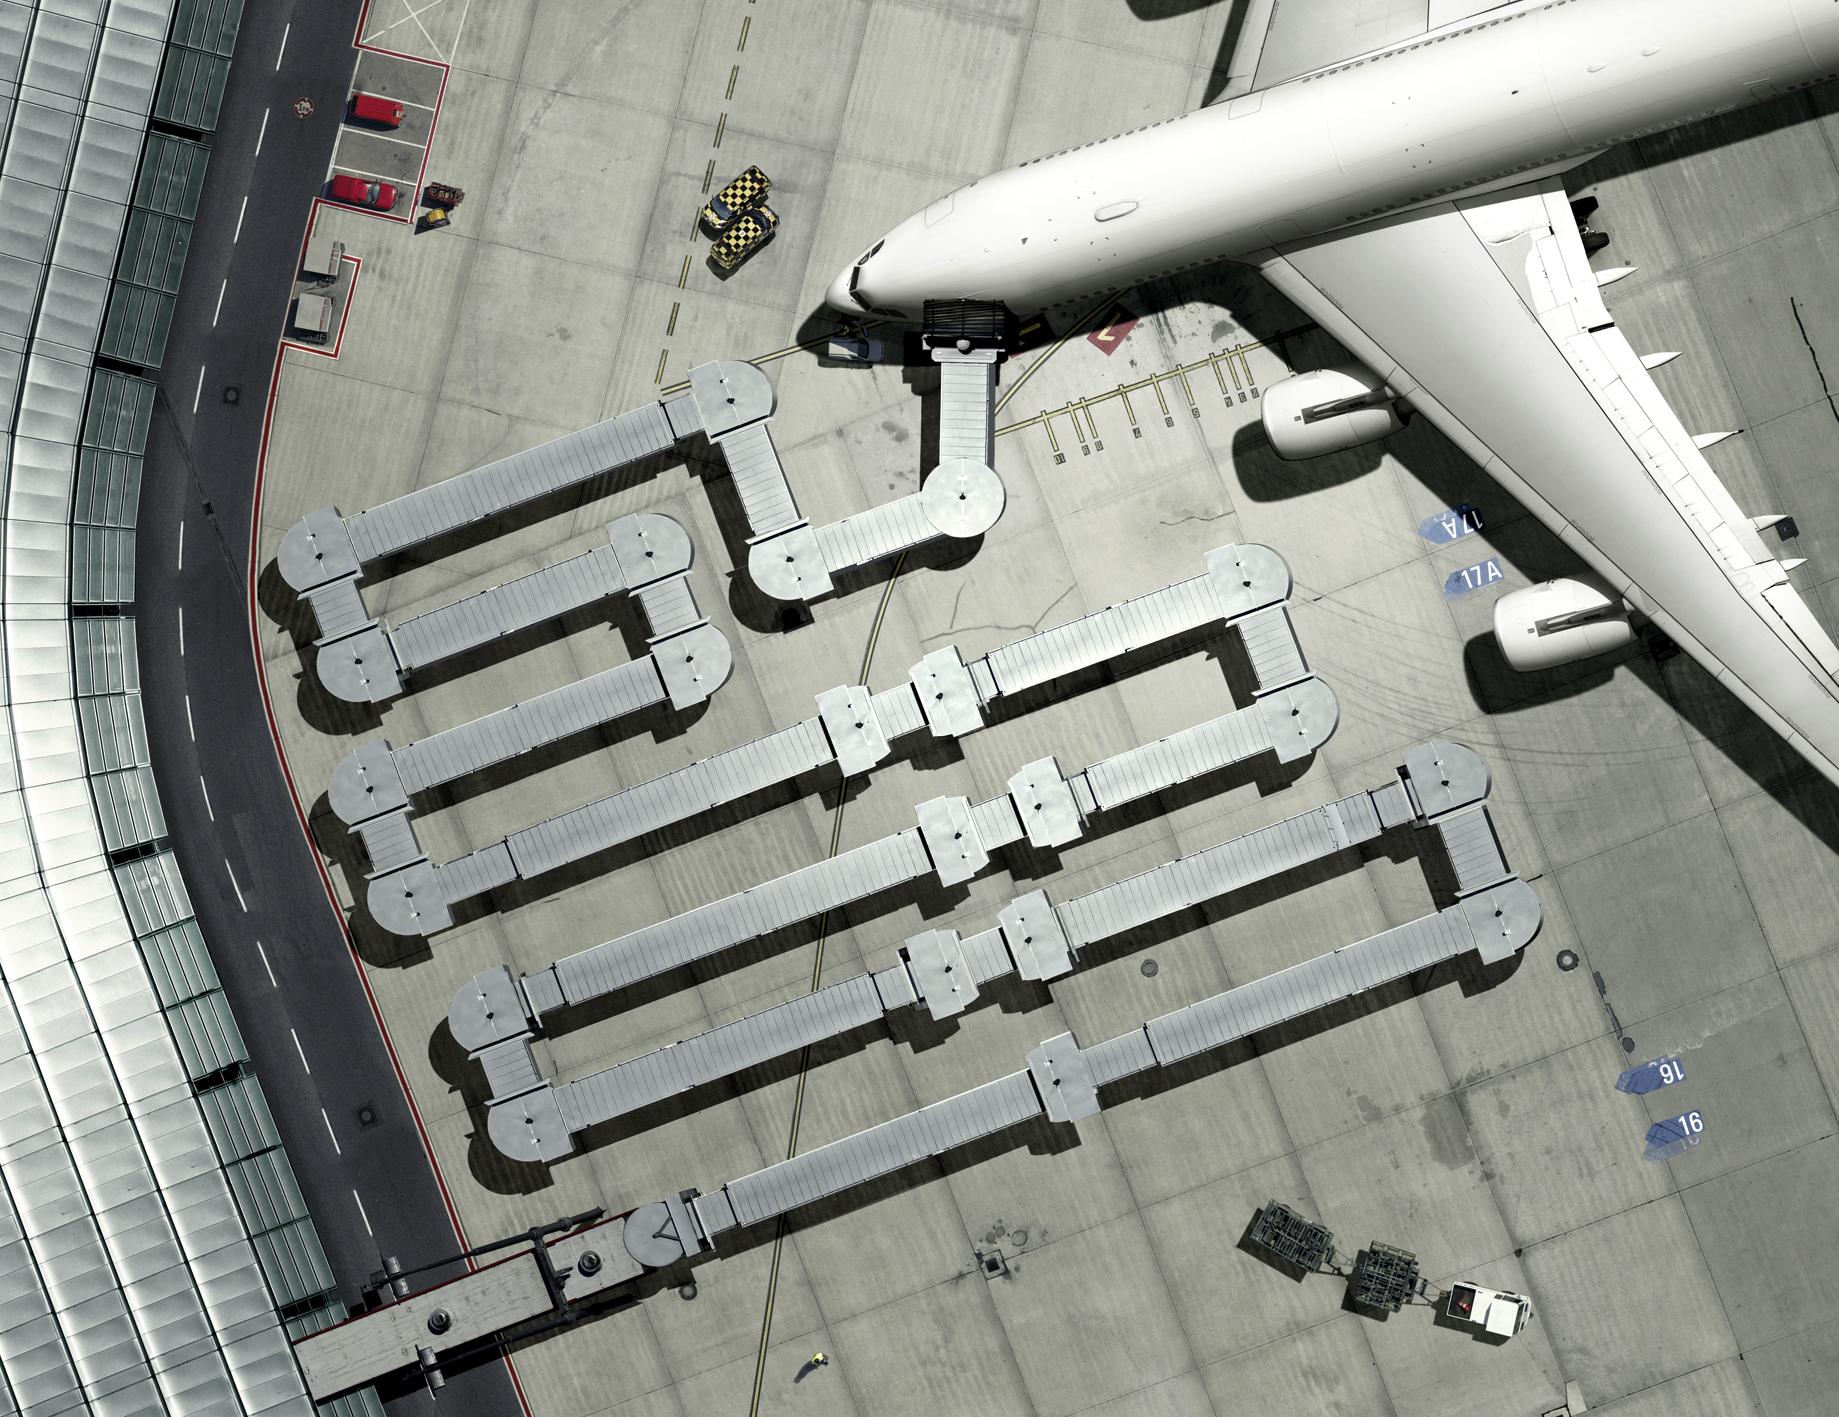 47_Deichmann_Airport_RGB.jpg